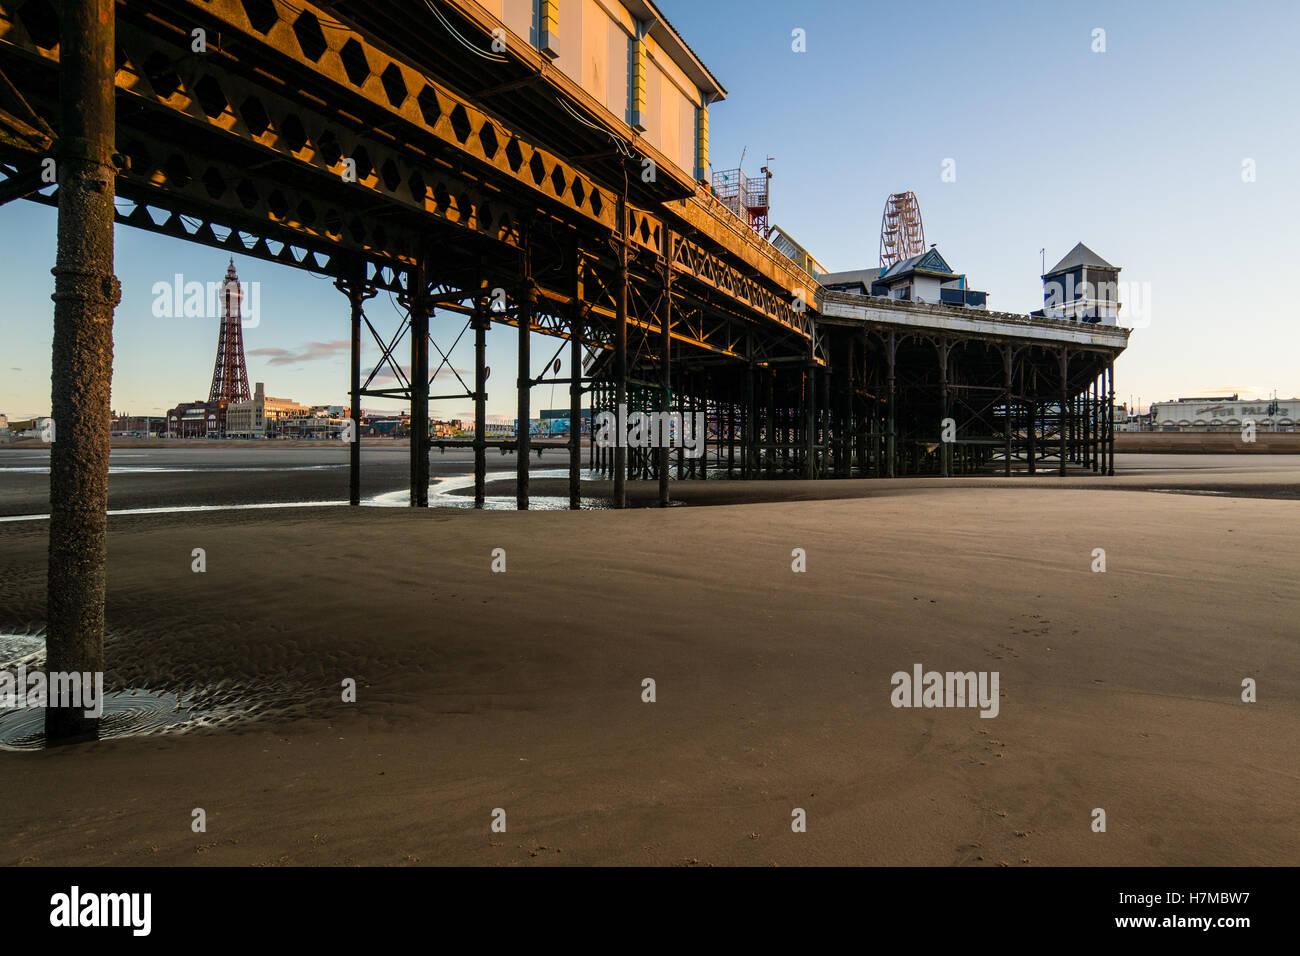 Blackpool, UK. Wetternachrichten Sie 7. November 2016, einen hellen und kalten Start in den Tag in Blackpool heute Stockbild